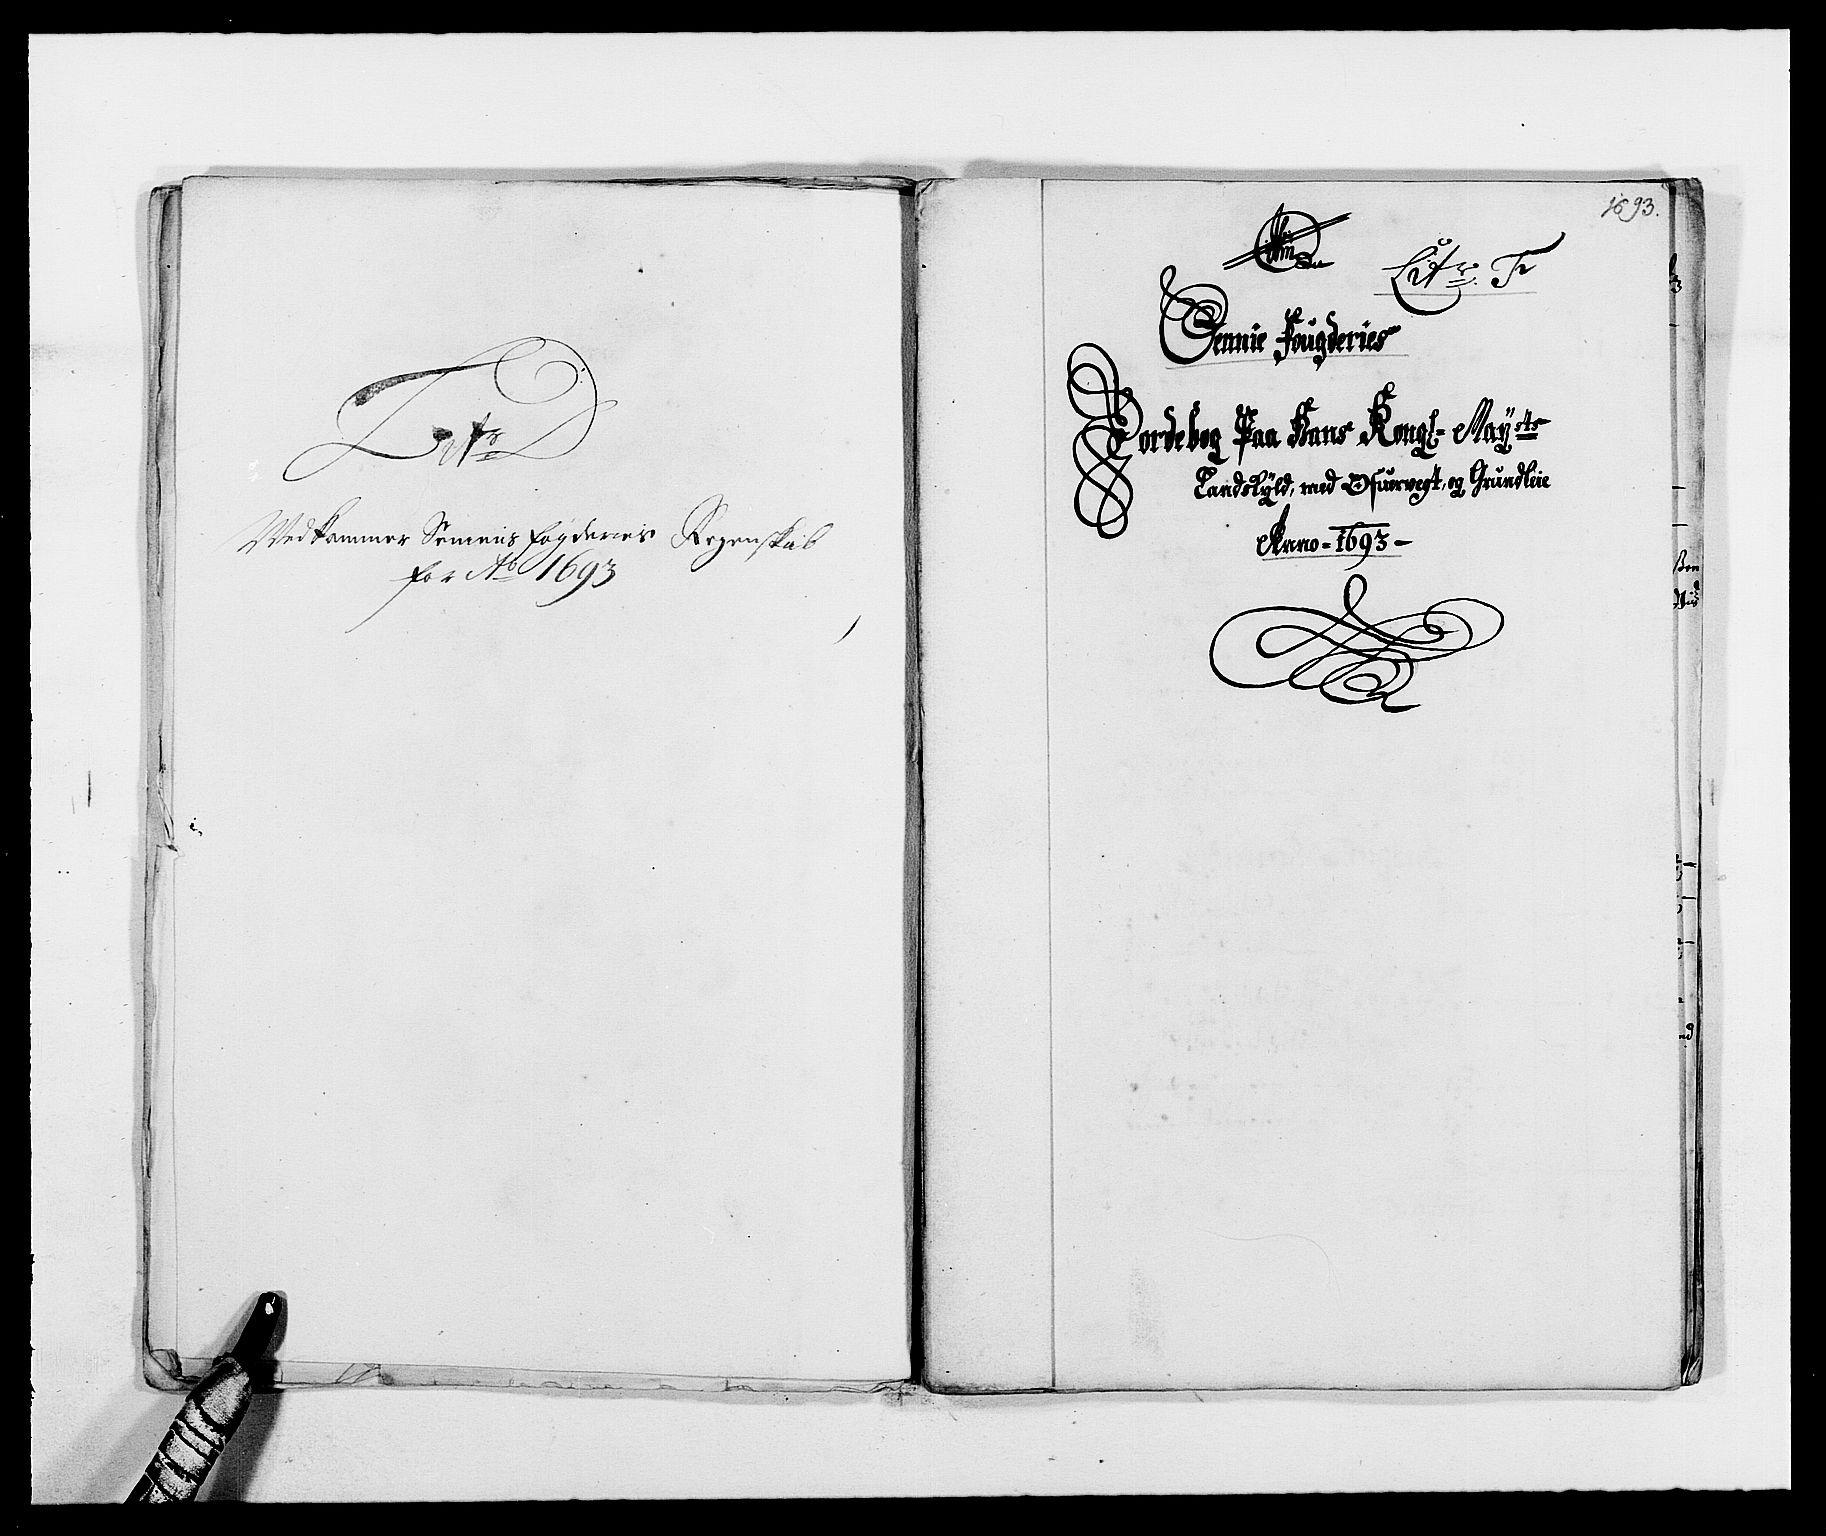 RA, Rentekammeret inntil 1814, Reviderte regnskaper, Fogderegnskap, R68/L4752: Fogderegnskap Senja og Troms, 1691-1693, s. 378